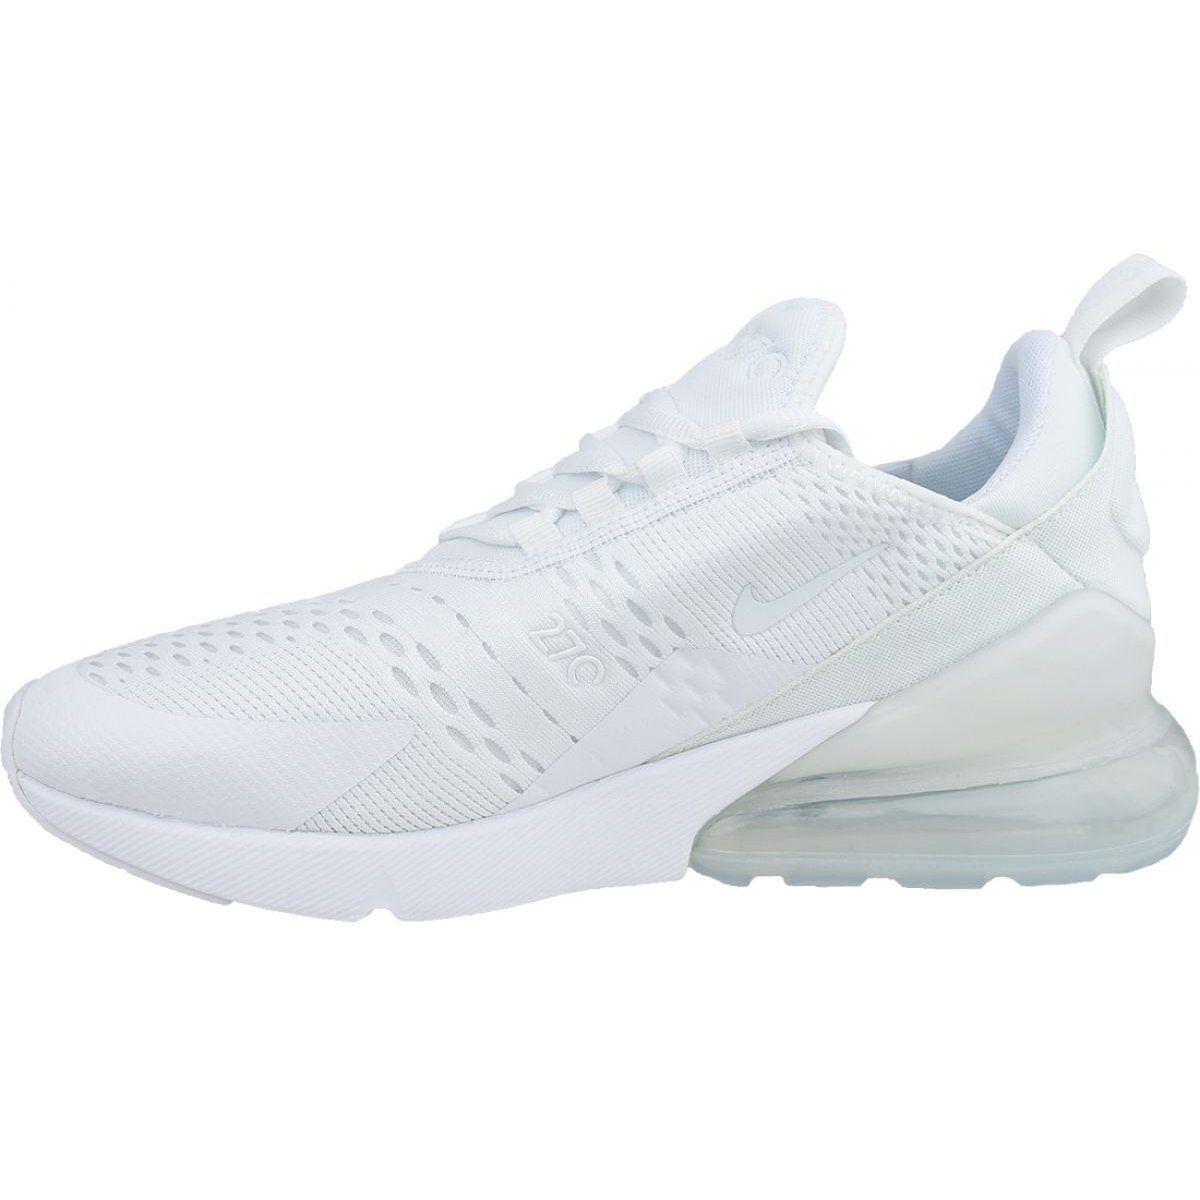 Nike Air Max 270 GS 943345 103 białe, damskiemęskie